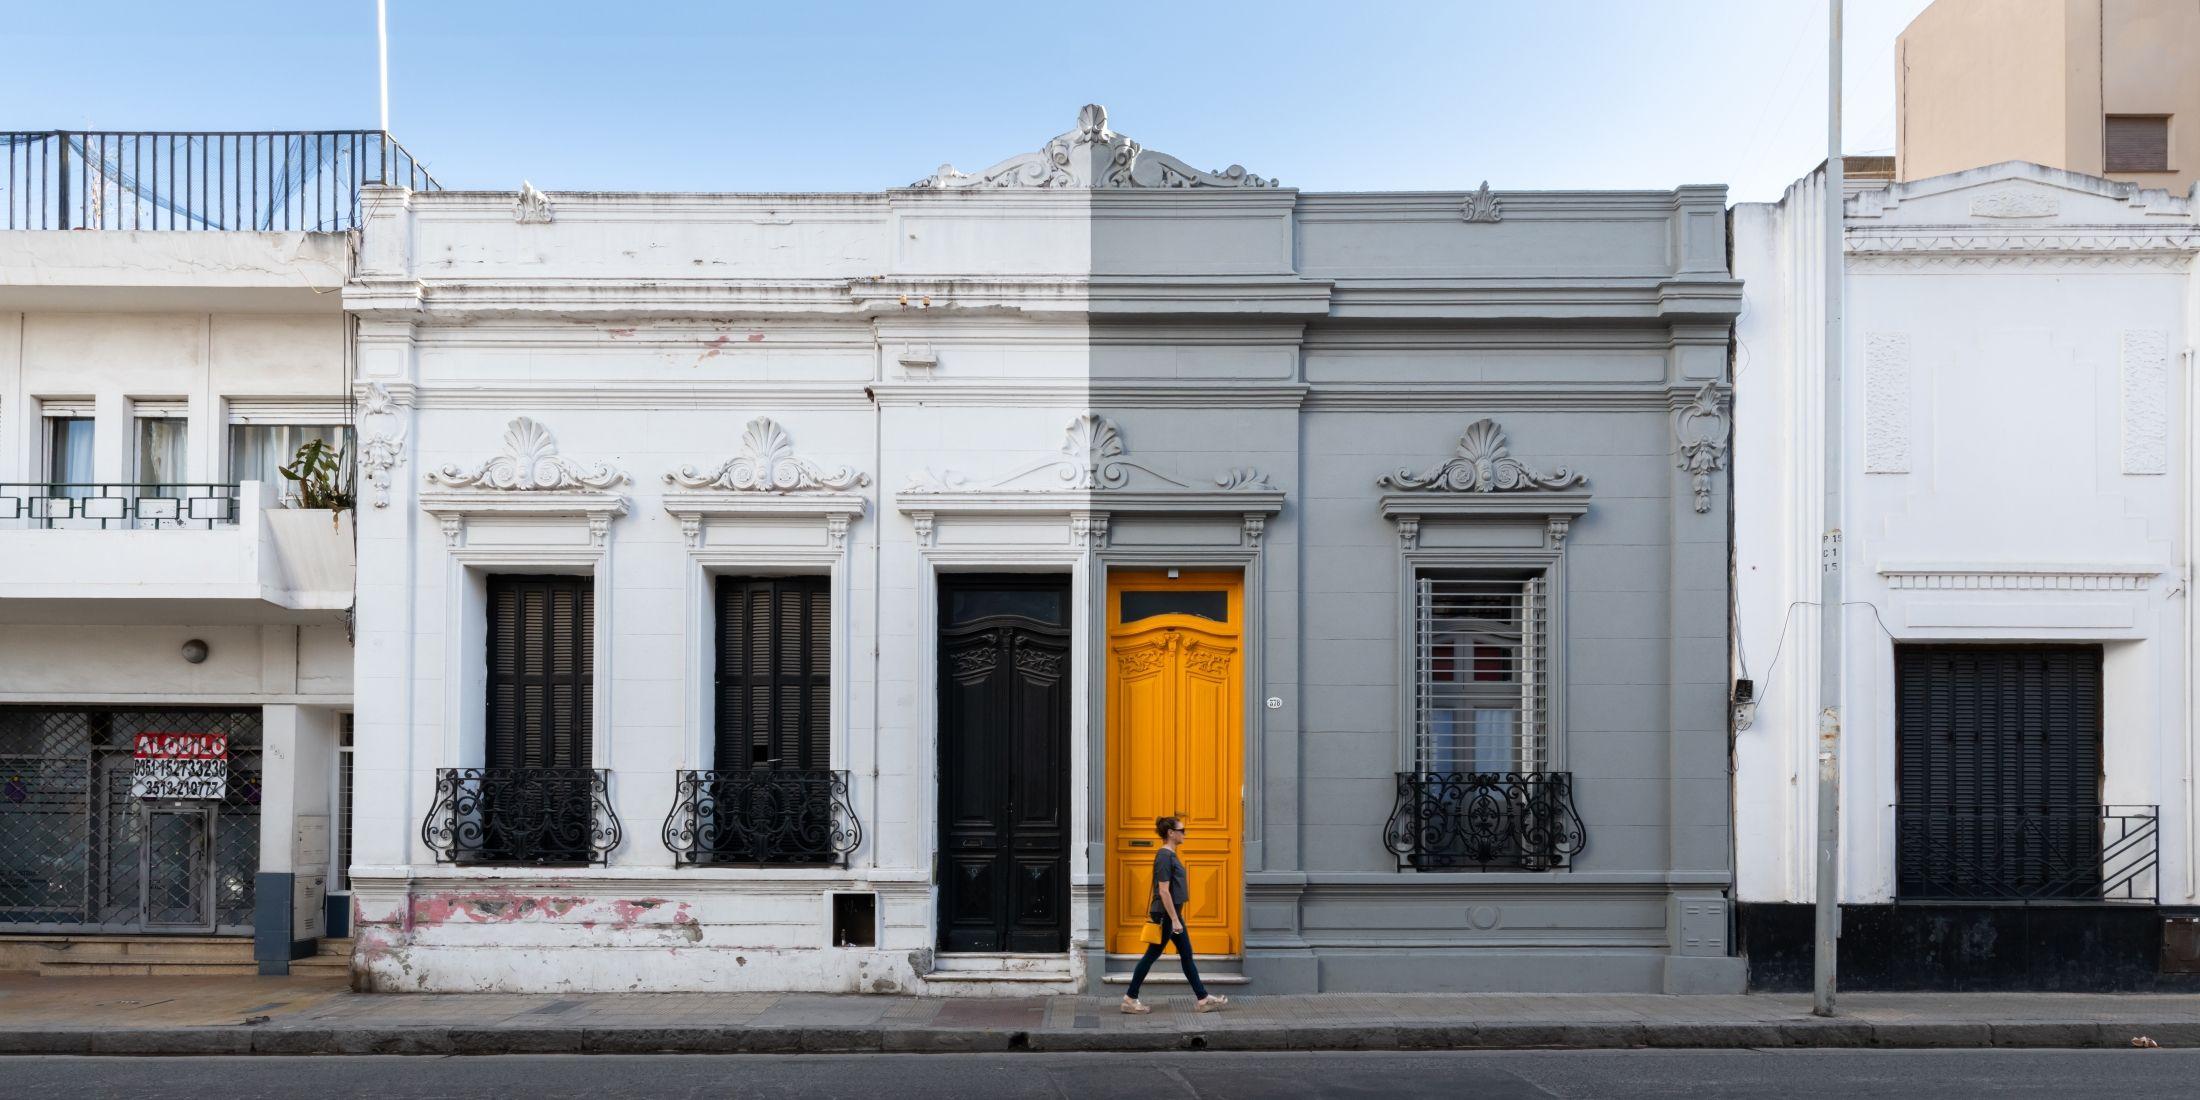 Casa F.R. / La Casita de la Puerta Amarilla, Mariclé Scalambro, Córdoba, Argentina